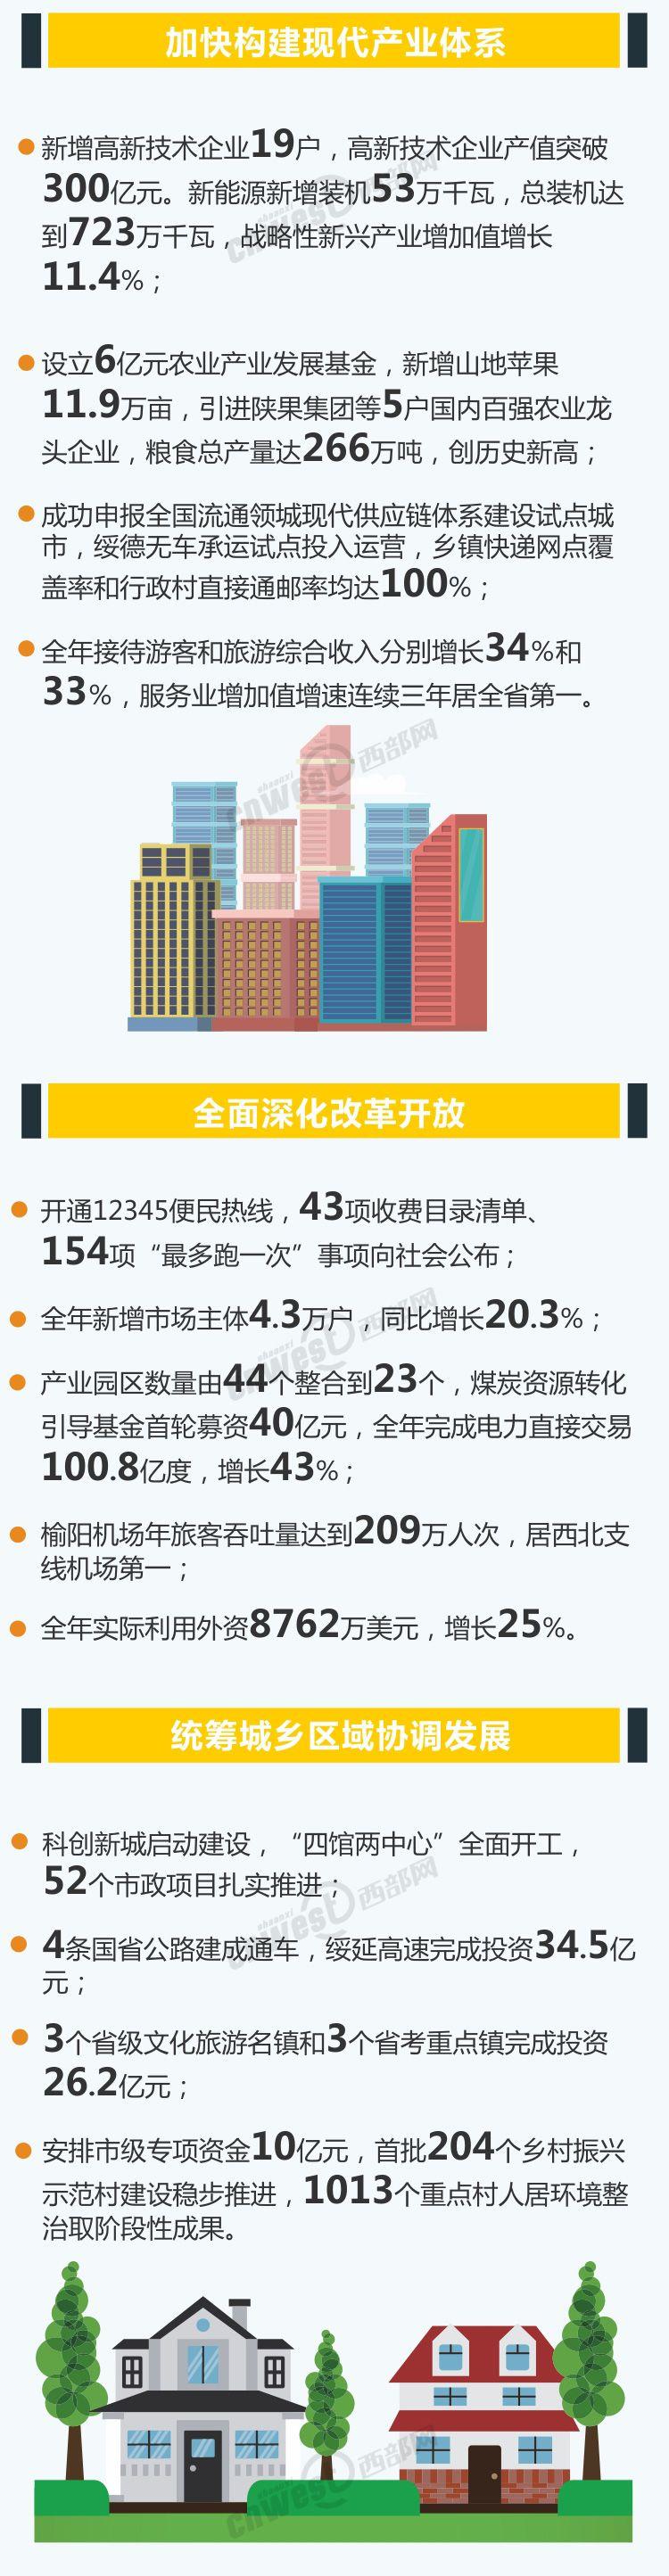 2019榆林市政府工作报告:闪亮2018 逐梦2019